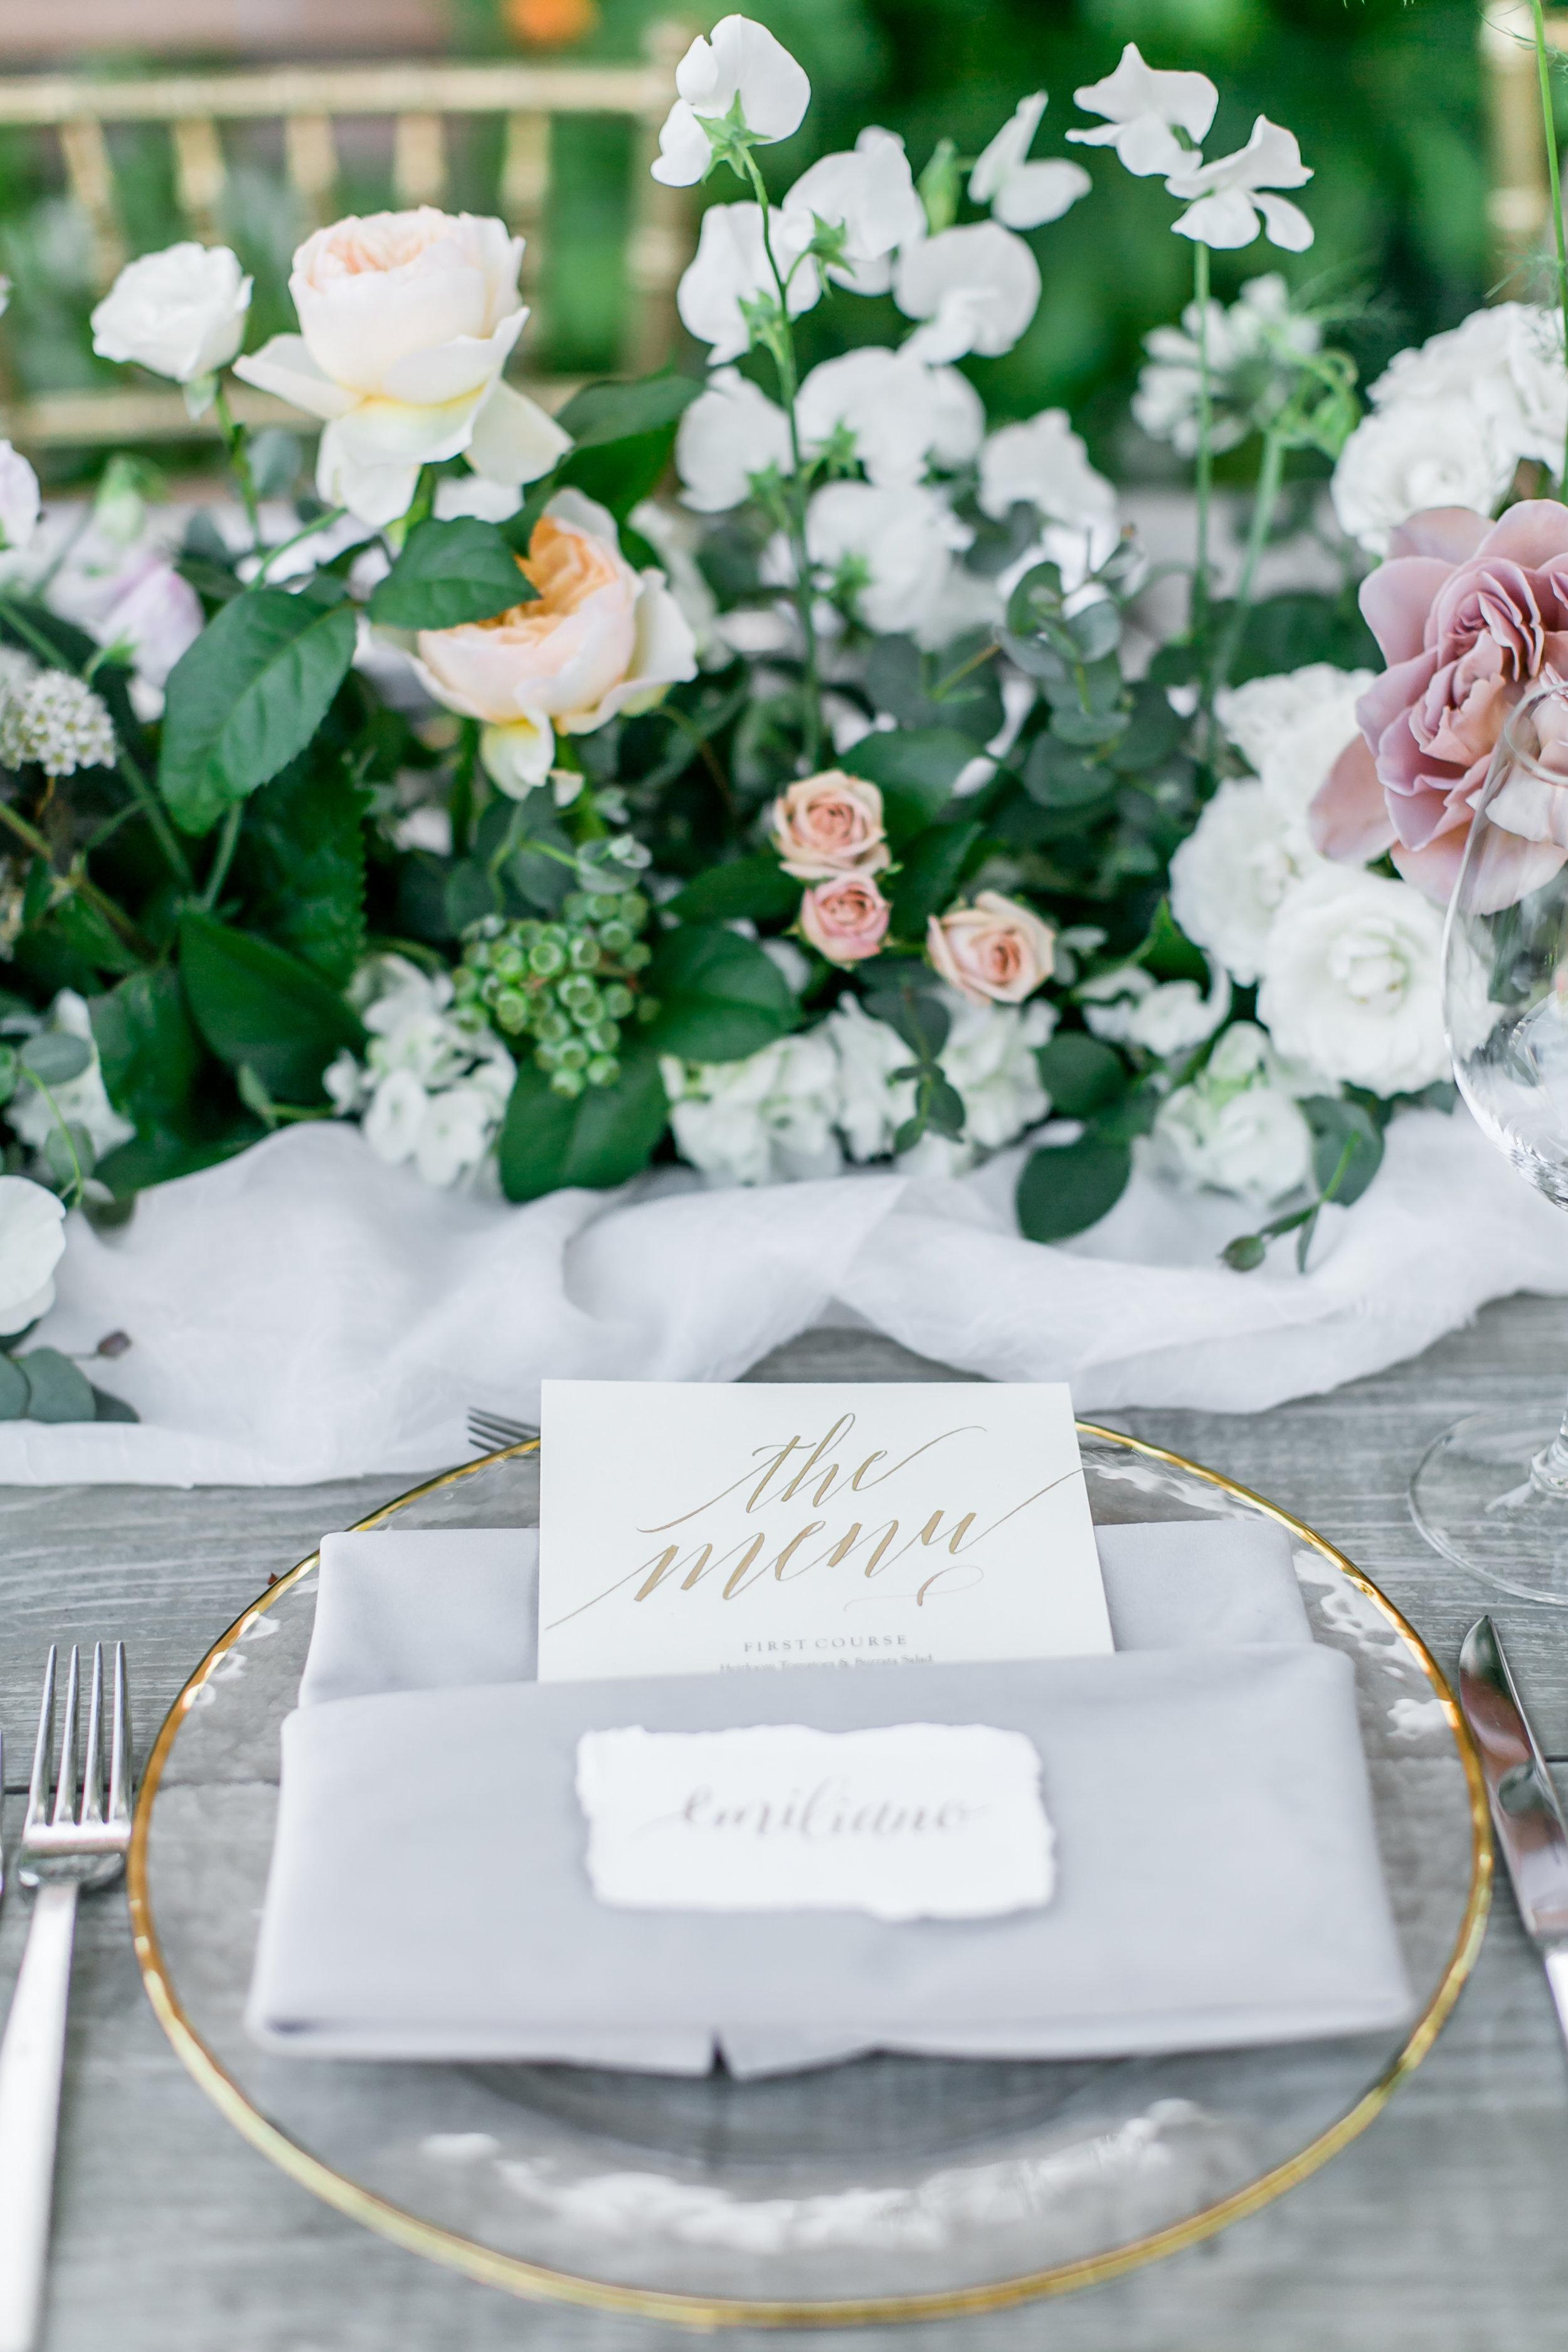 Julie_Ferneau-blooms-rancho-valencia-ribeau-wedding-rancho-santa-fe-luxury-garden-wedding-20.jpg